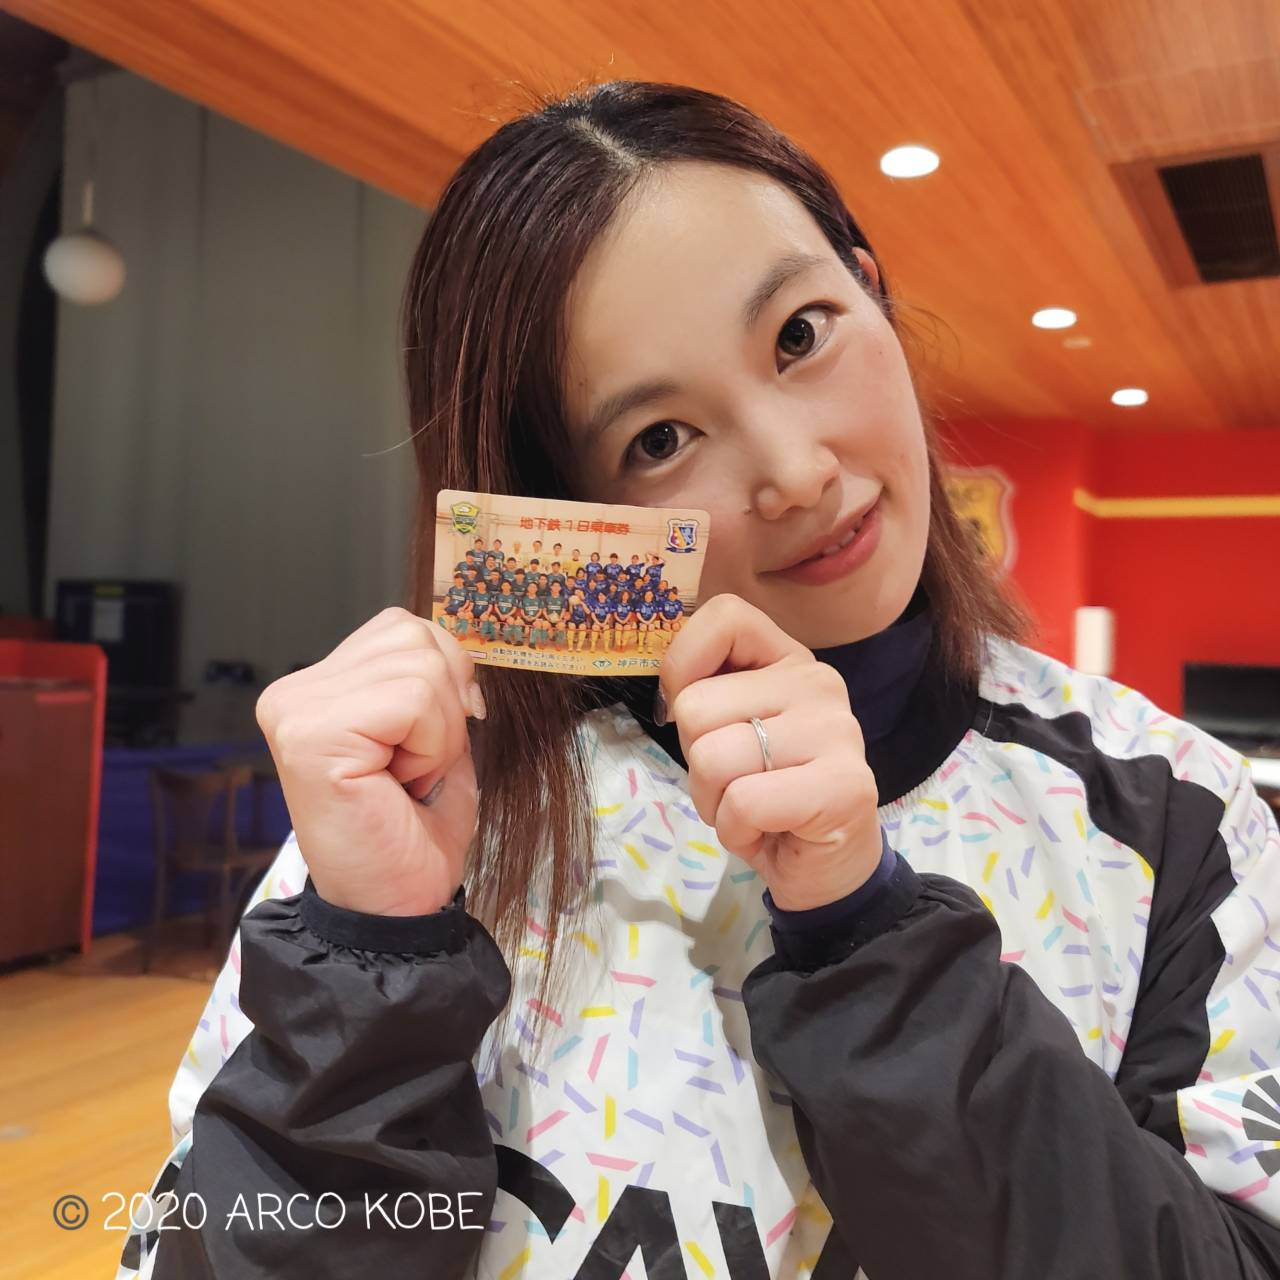 神戸市交通局「デウソン神戸・アルコ神戸」デザイン地下鉄1日乗車券が12月1日より販売開始!